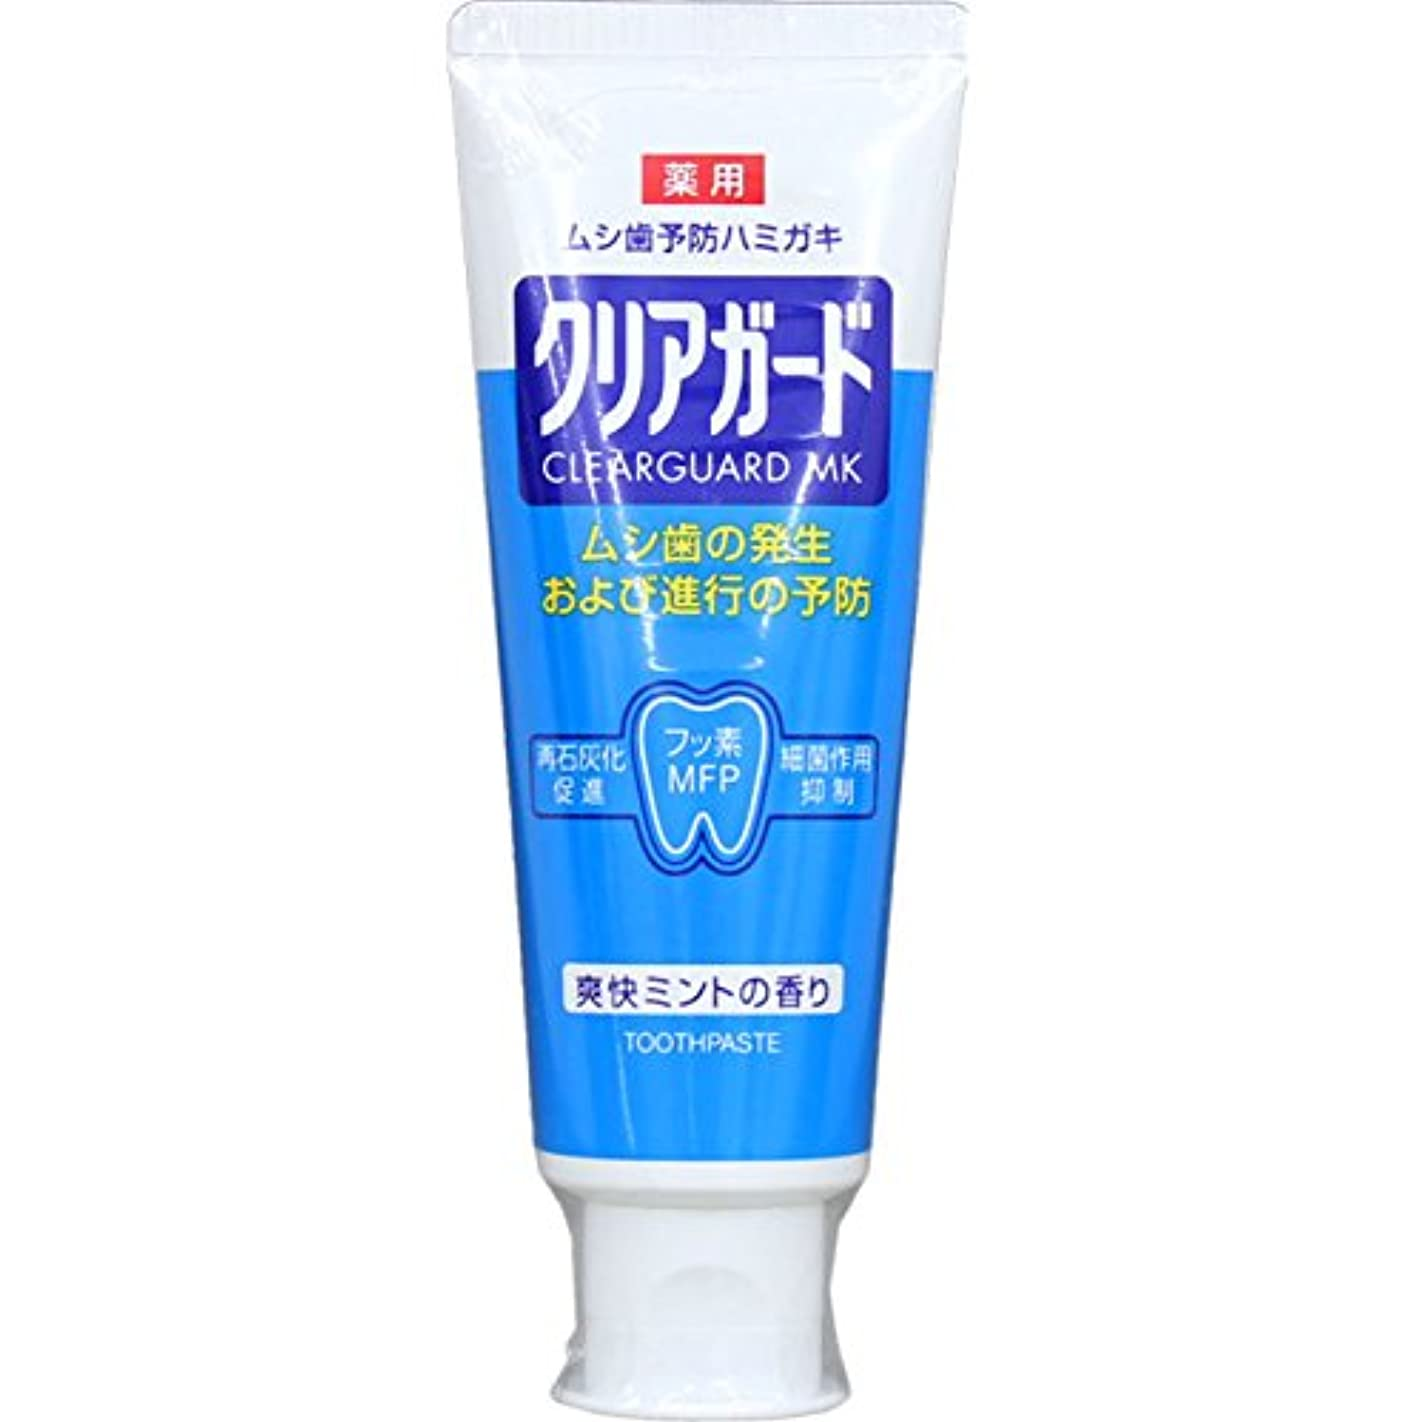 口ひげ入植者ずらす薬用クリアガード 160g (医薬部外品)